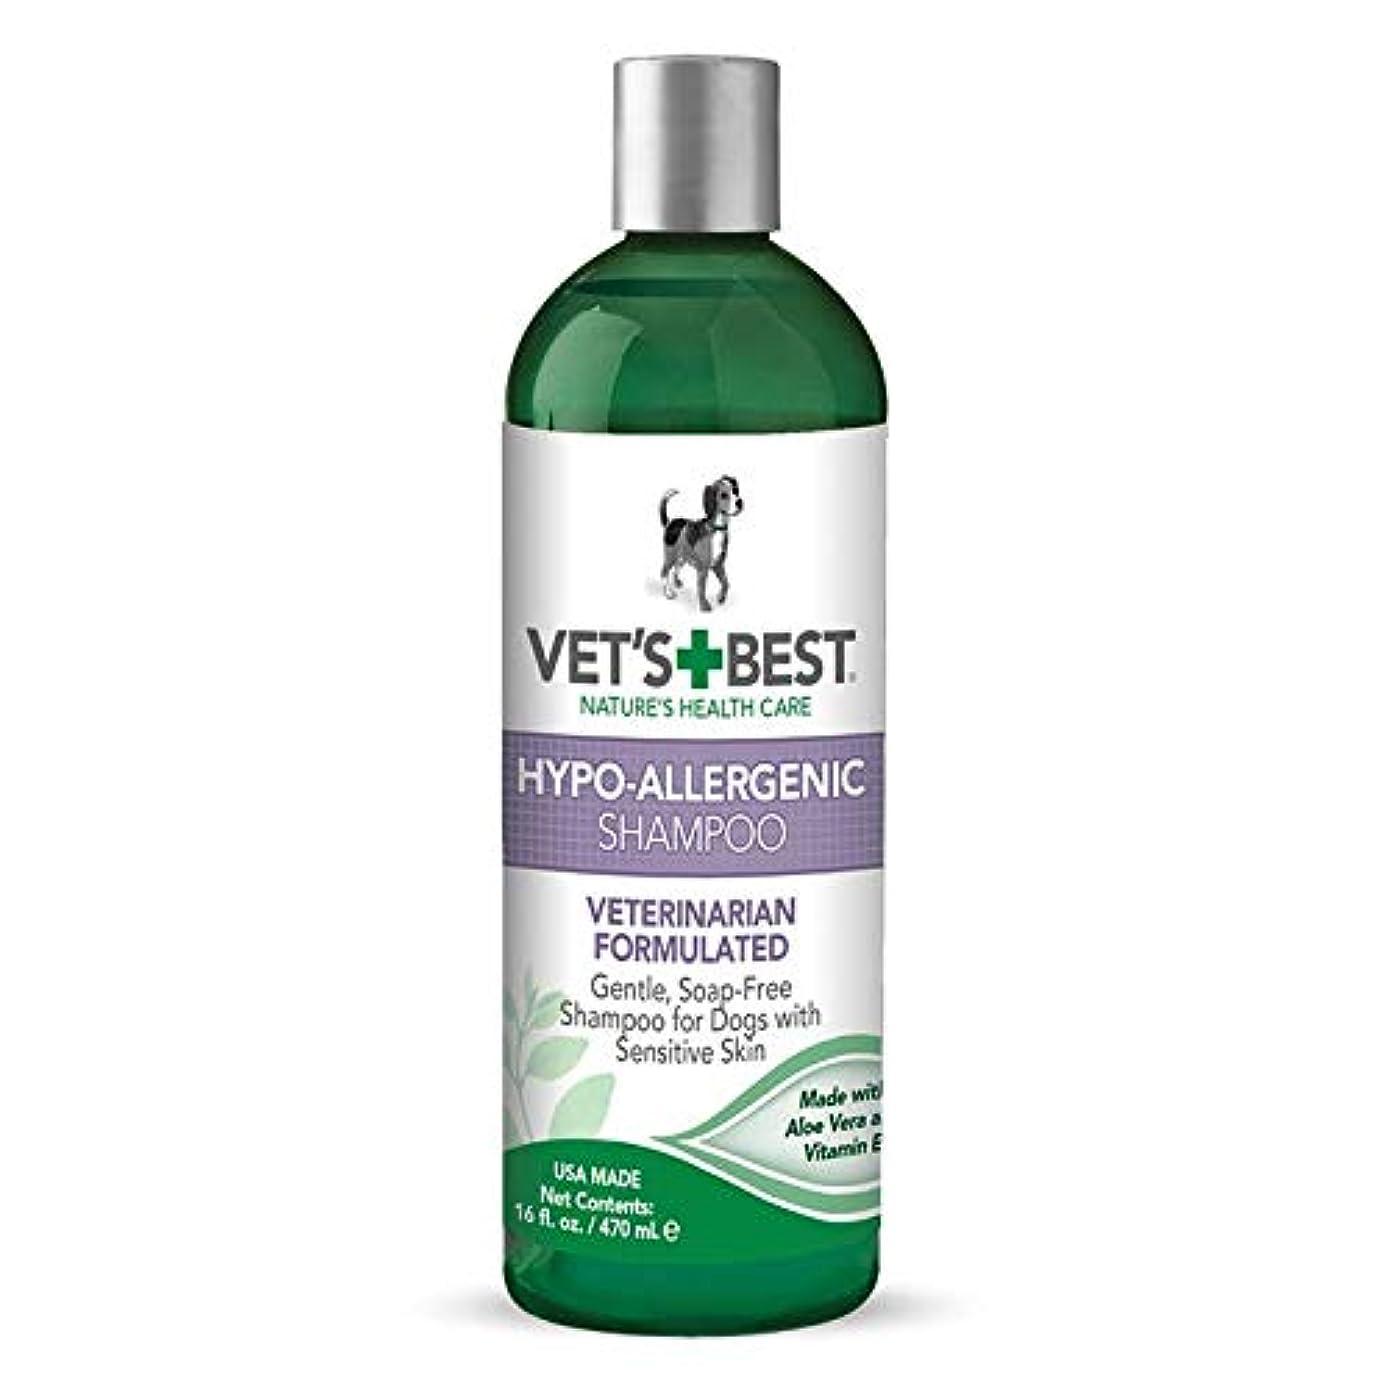 肖像画不完全なコンテンツVet's Best Natural Formula Hypo-Allergenic Shampoo Gentle Soap Free for Dog 16oz